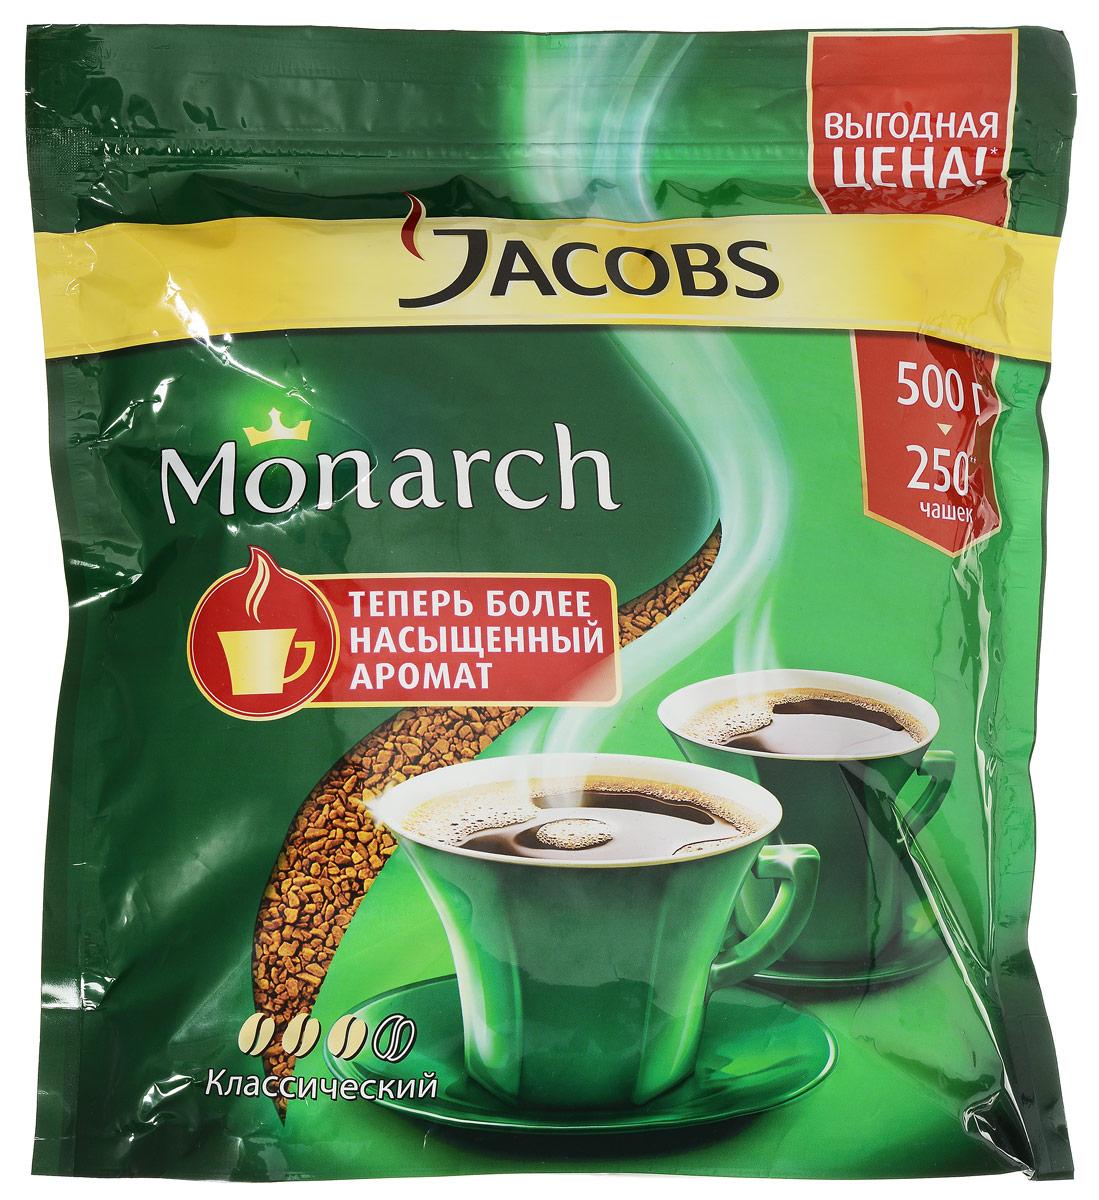 Jacobs Monarch кофе растворимый, 500 г (пакет)784663Встречайте кофе Jacobs Monarch с еще более насыщенным и притягательным ароматом, дополняющим богатый классический вкус. Он создается благодаря исключительному сочетанию отборных зерен и грубой обжарке, и является наиболее популярным кофе в линейке Jacobs Monarch. Приготовьте кофе Jacobs Monarch для себя и своих близких. Почувствуйте его более насыщенный аромат, который заполняет все вокруг, создавая особую атмосферу теплоты общения. Jacobs Monarch. Аромагия сближает!